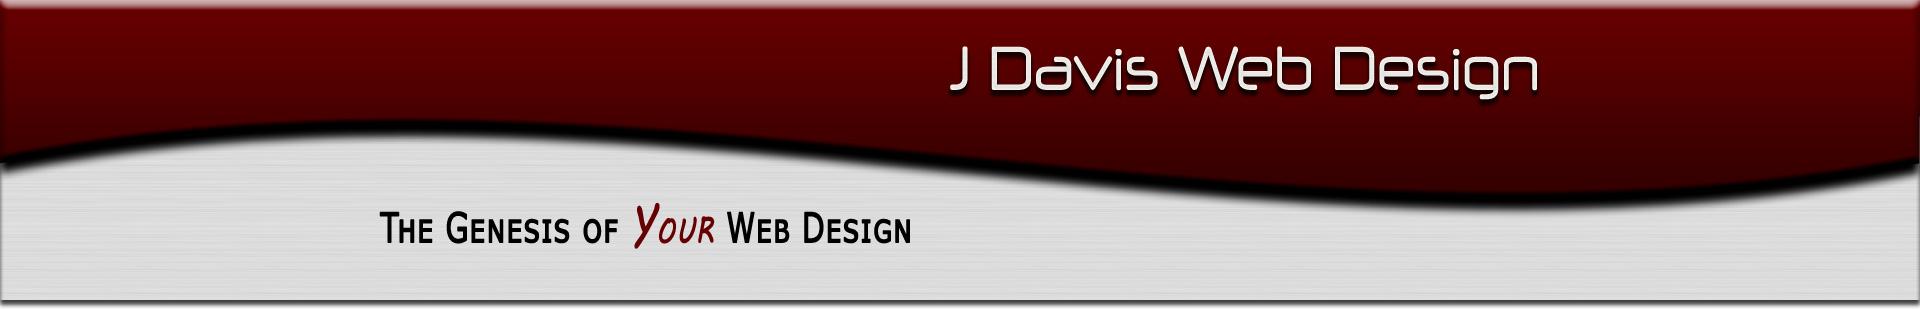 J Davis Web Design